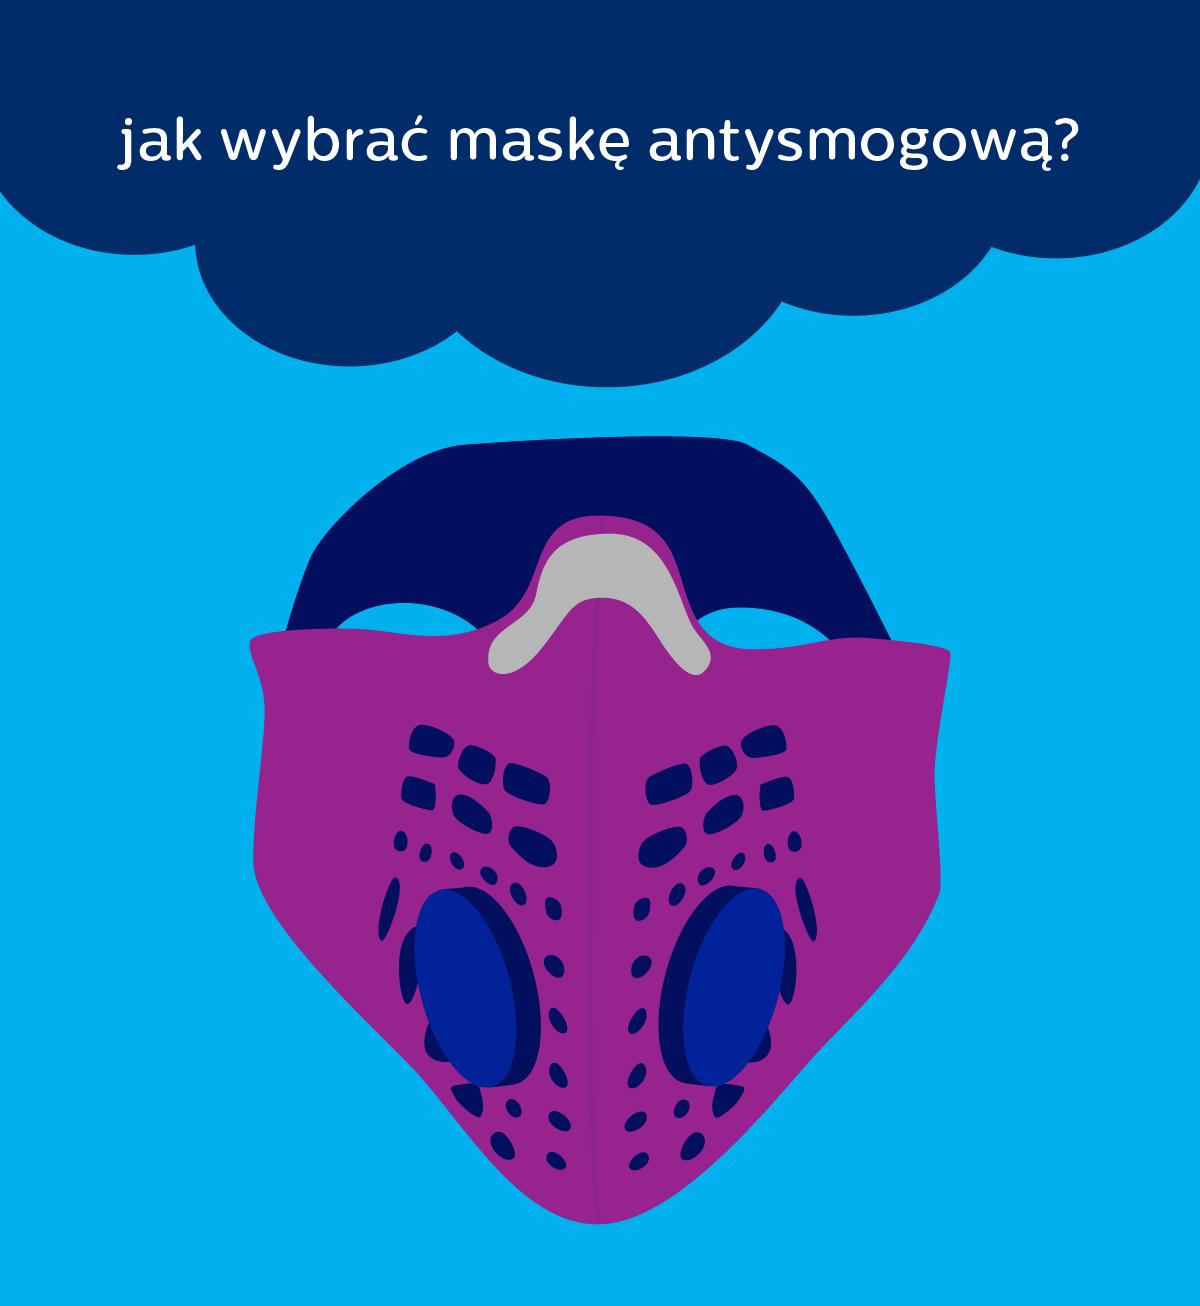 Jak wybrać maskę przeciwsmogową?